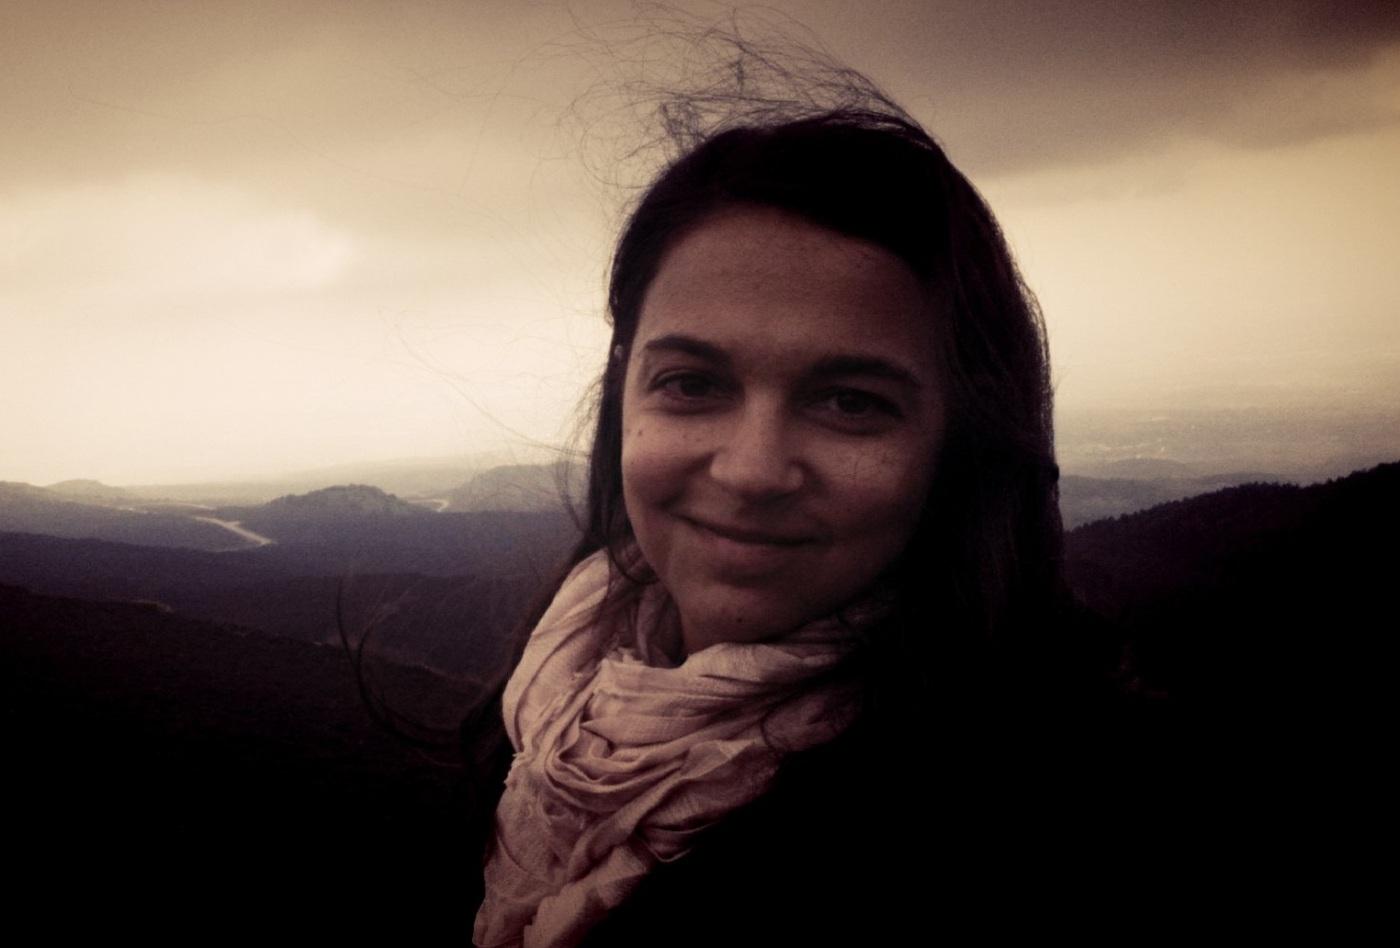 About – Laura Grestenberger